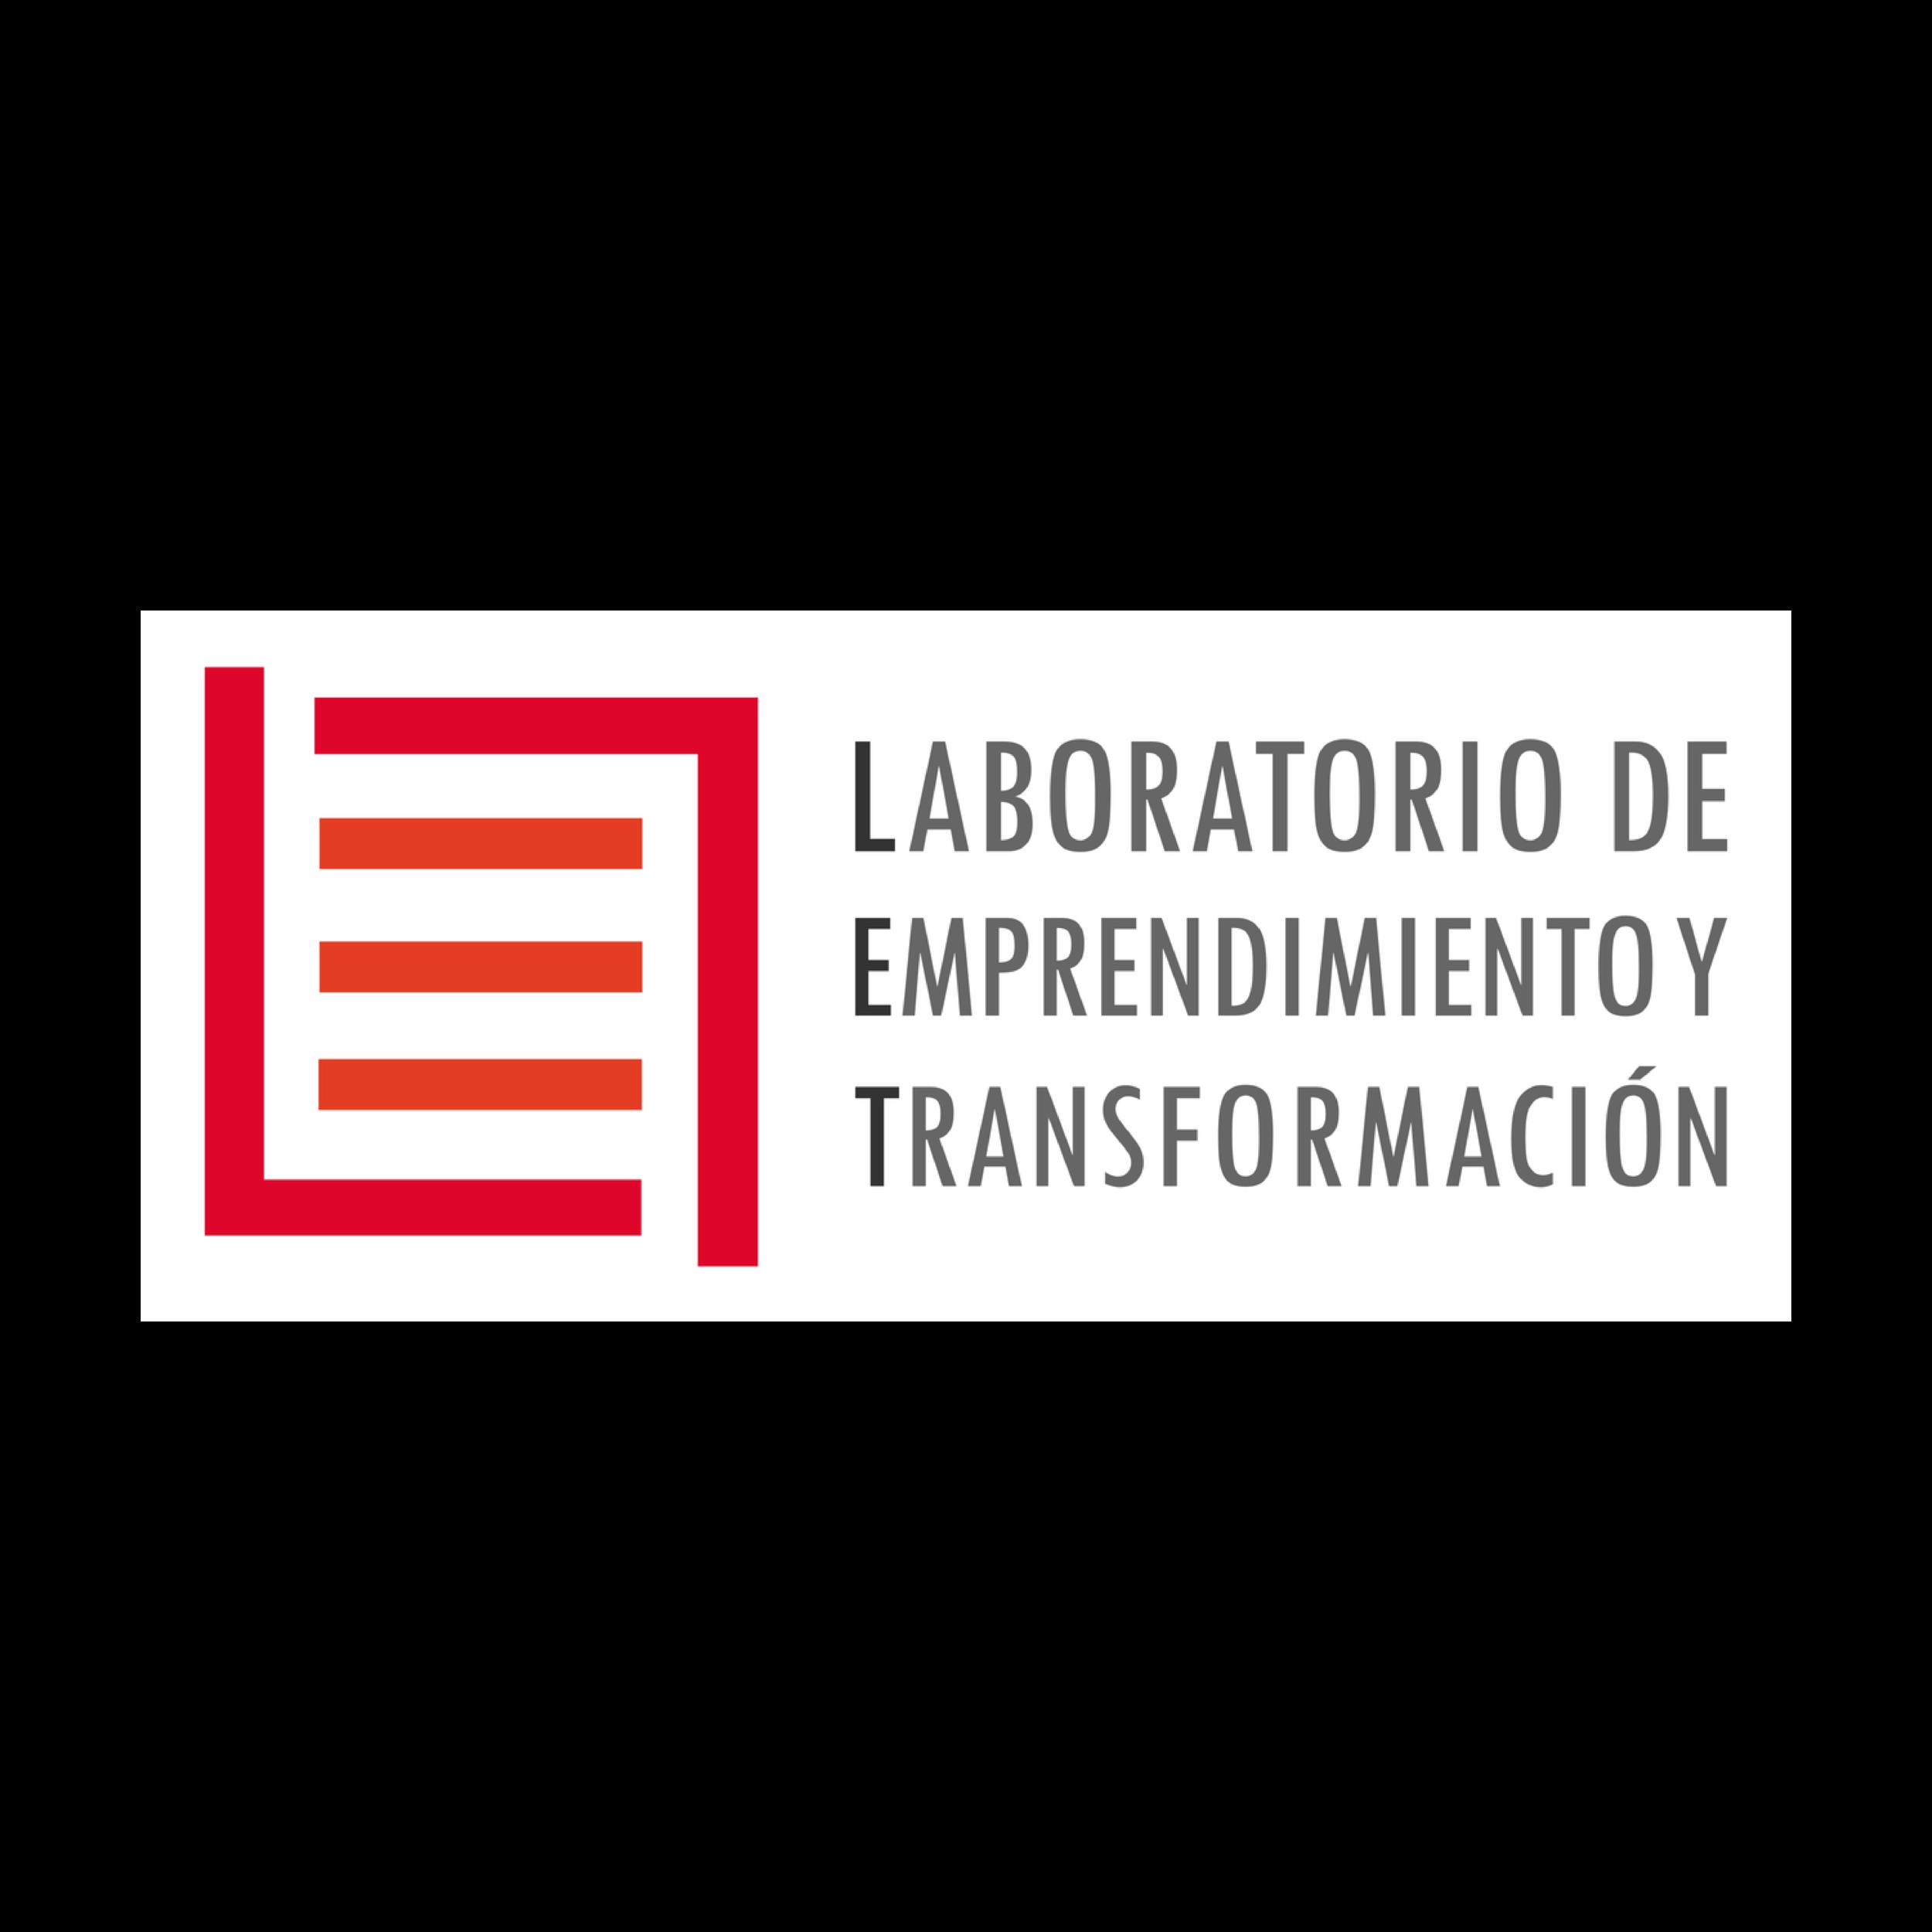 logos iniciativ otro-09.png